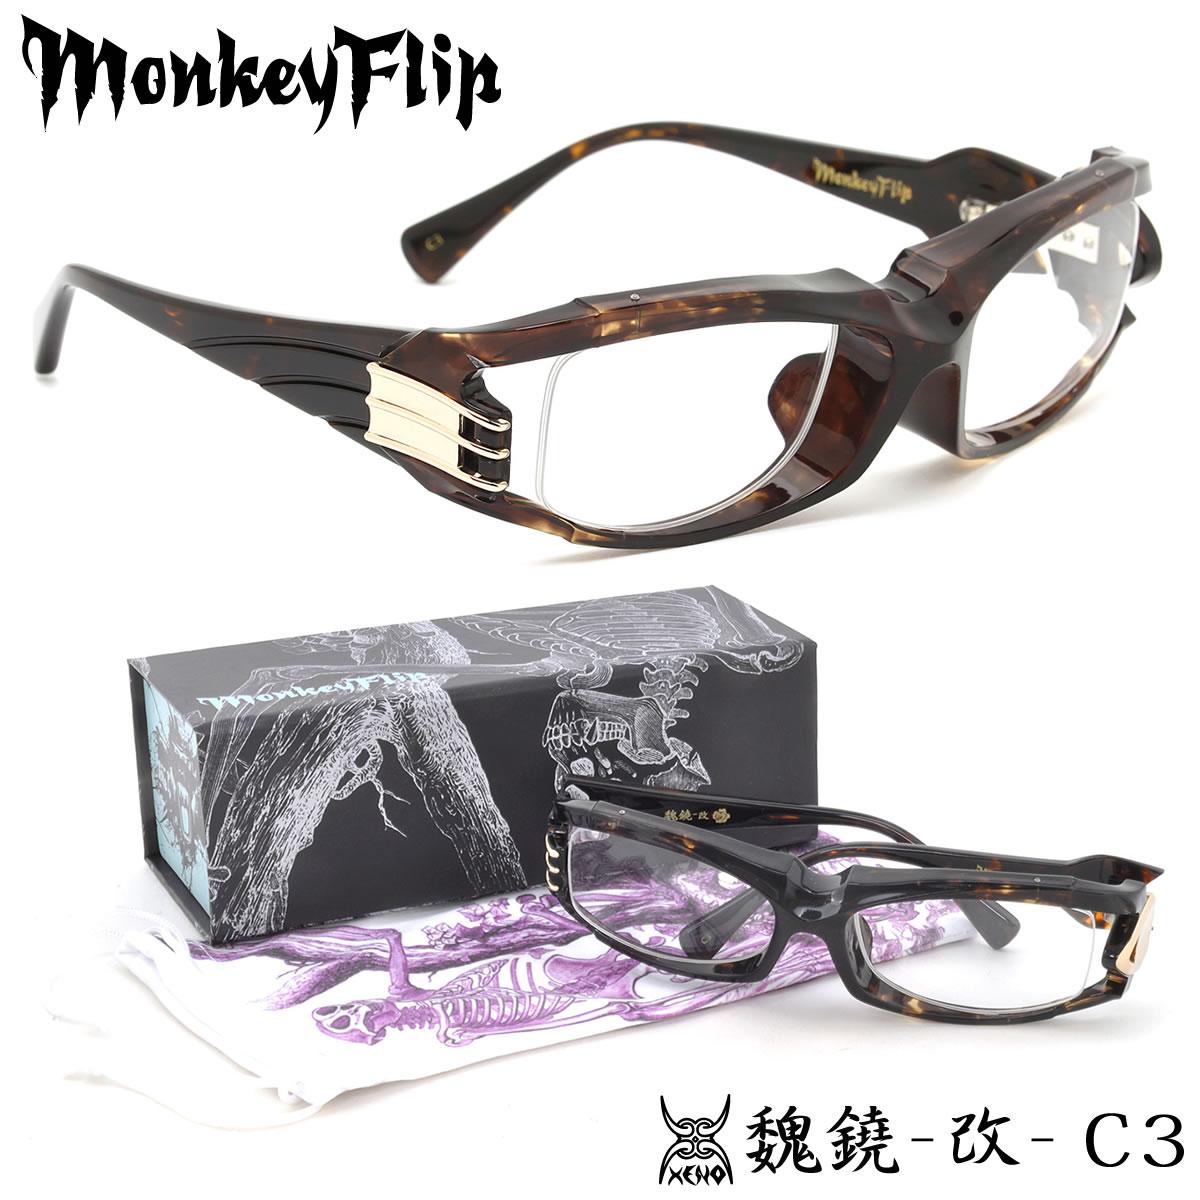 ポイント最大42倍!!お得なクーポンも !! 【Monkey Flip】(モンキーフリップ) メガネ 魏鐃改 C3 61サイズ 魏鐃-改- XENO ギドラカイ ゼノ モンキーフリップ MonkeyFlip メンズ レディース